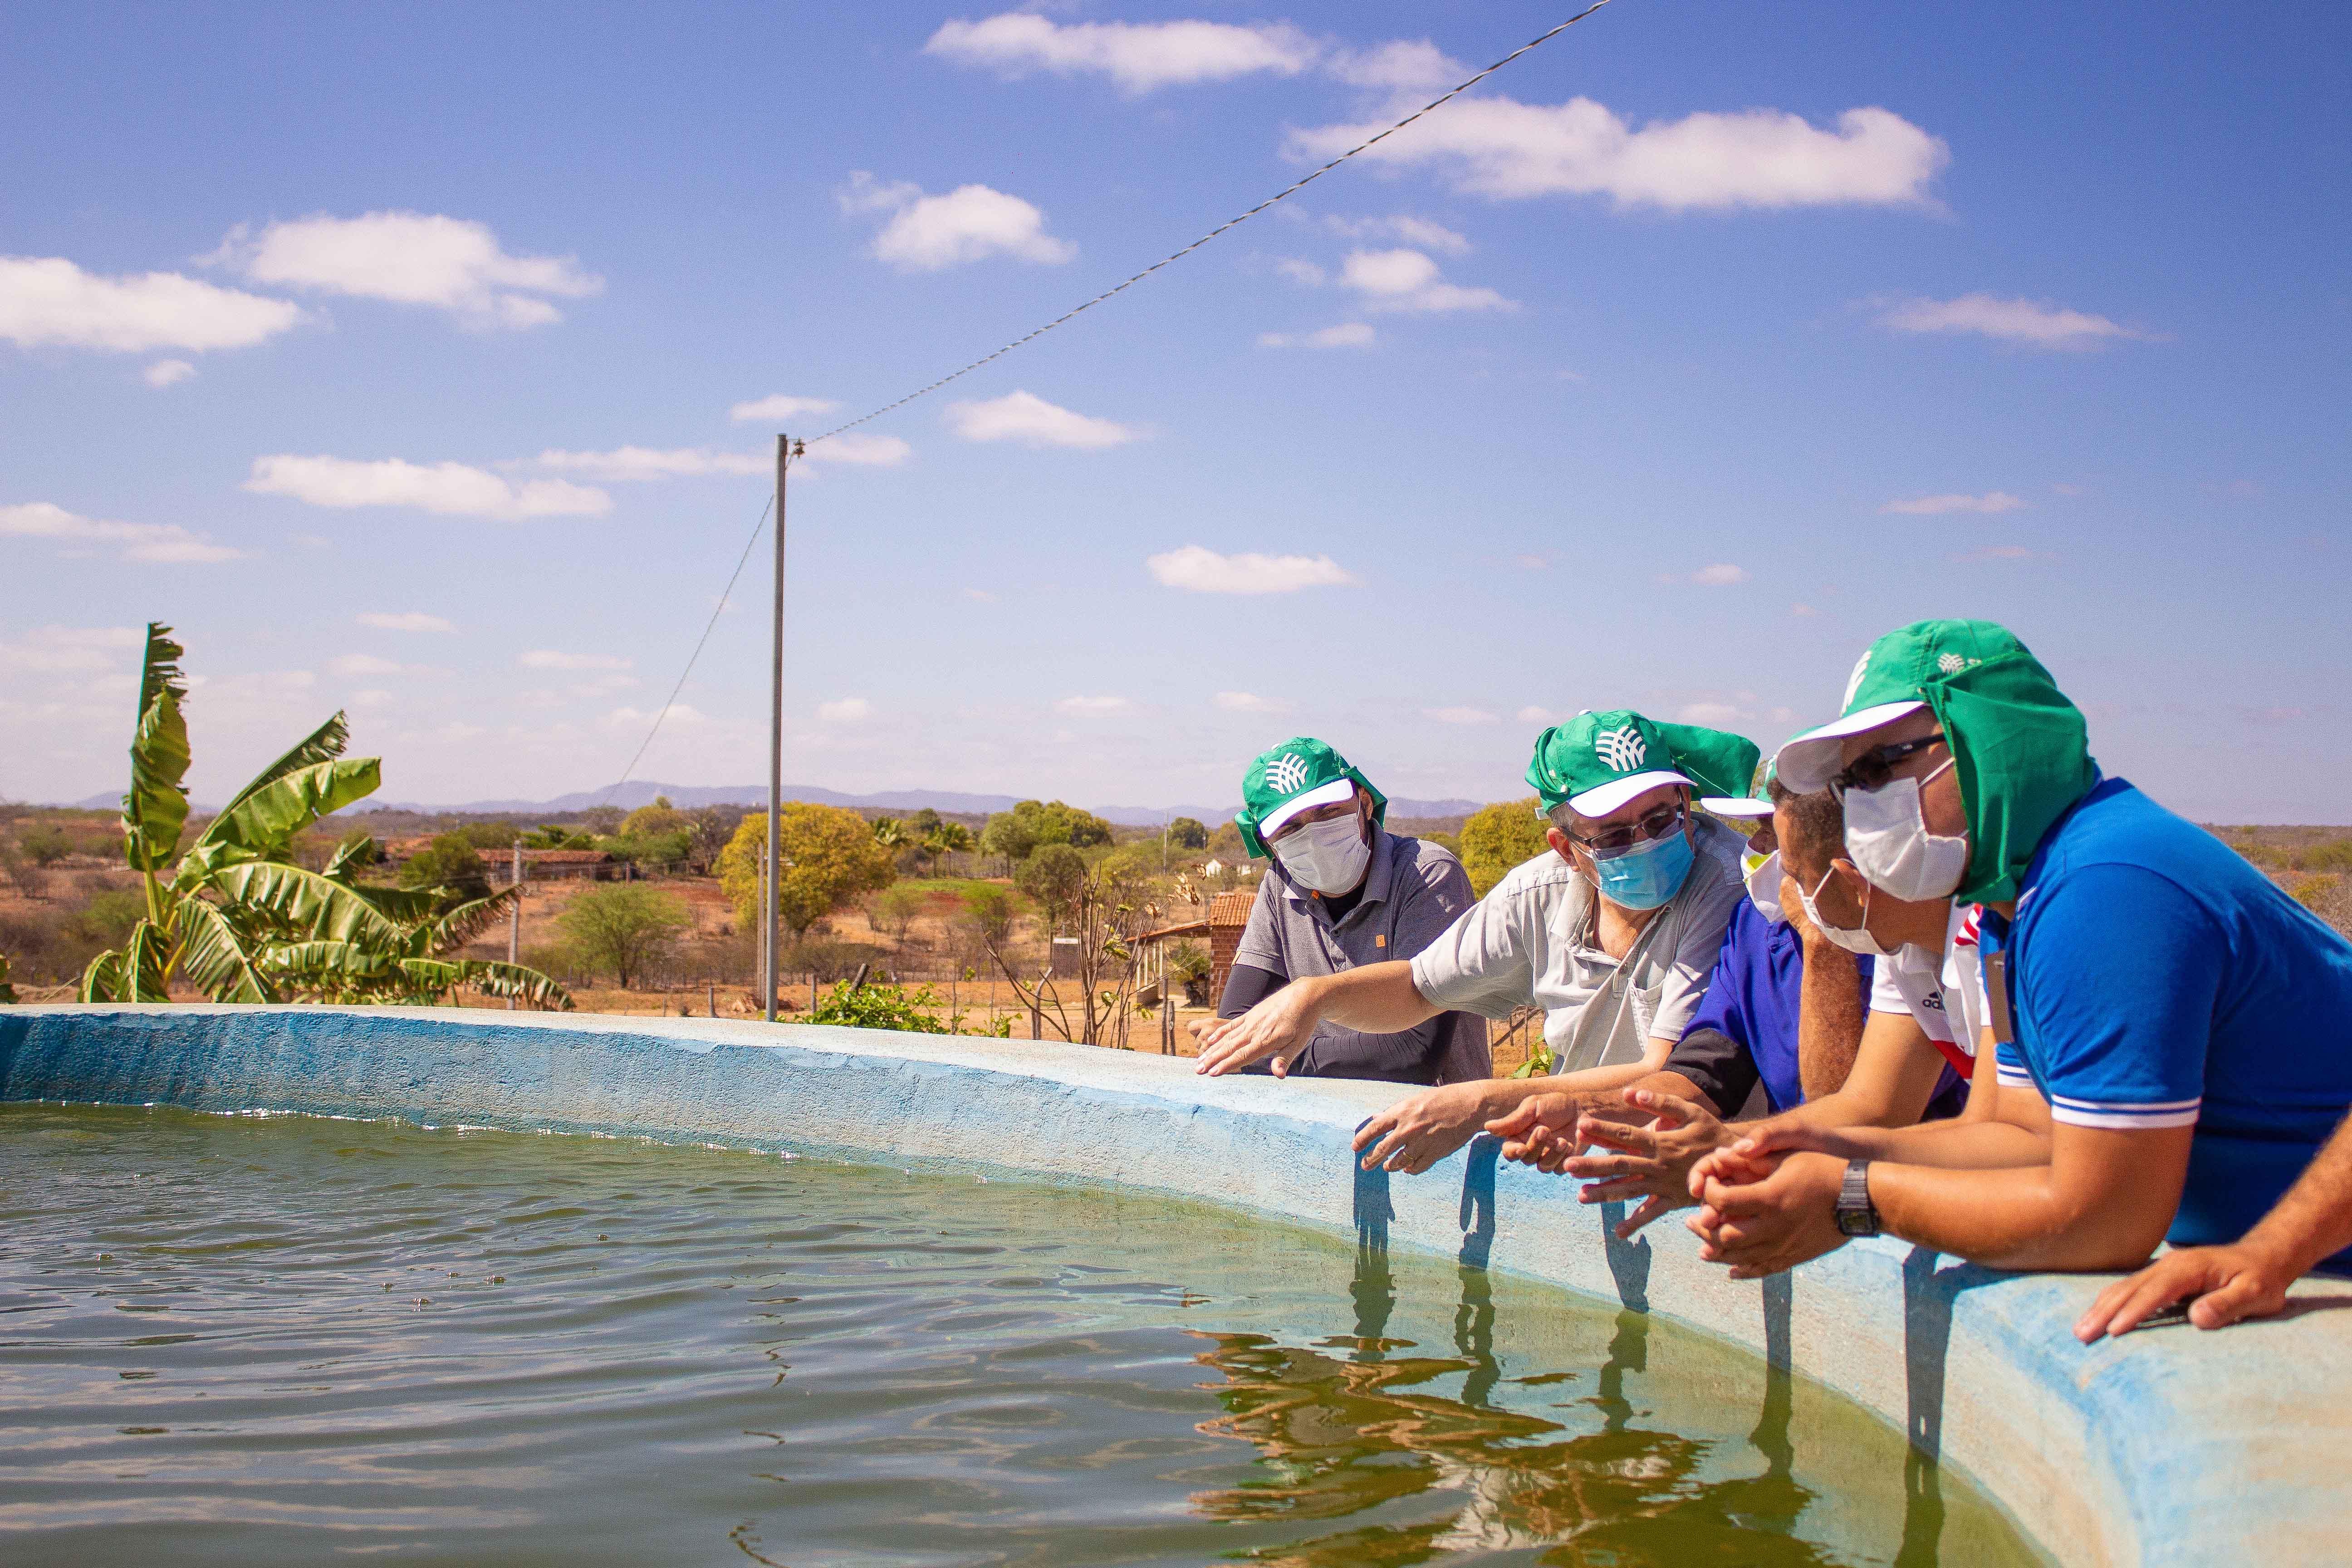 2021-09-17-e-19-curso-piscicultura-francisco-cesar-4656.jpg